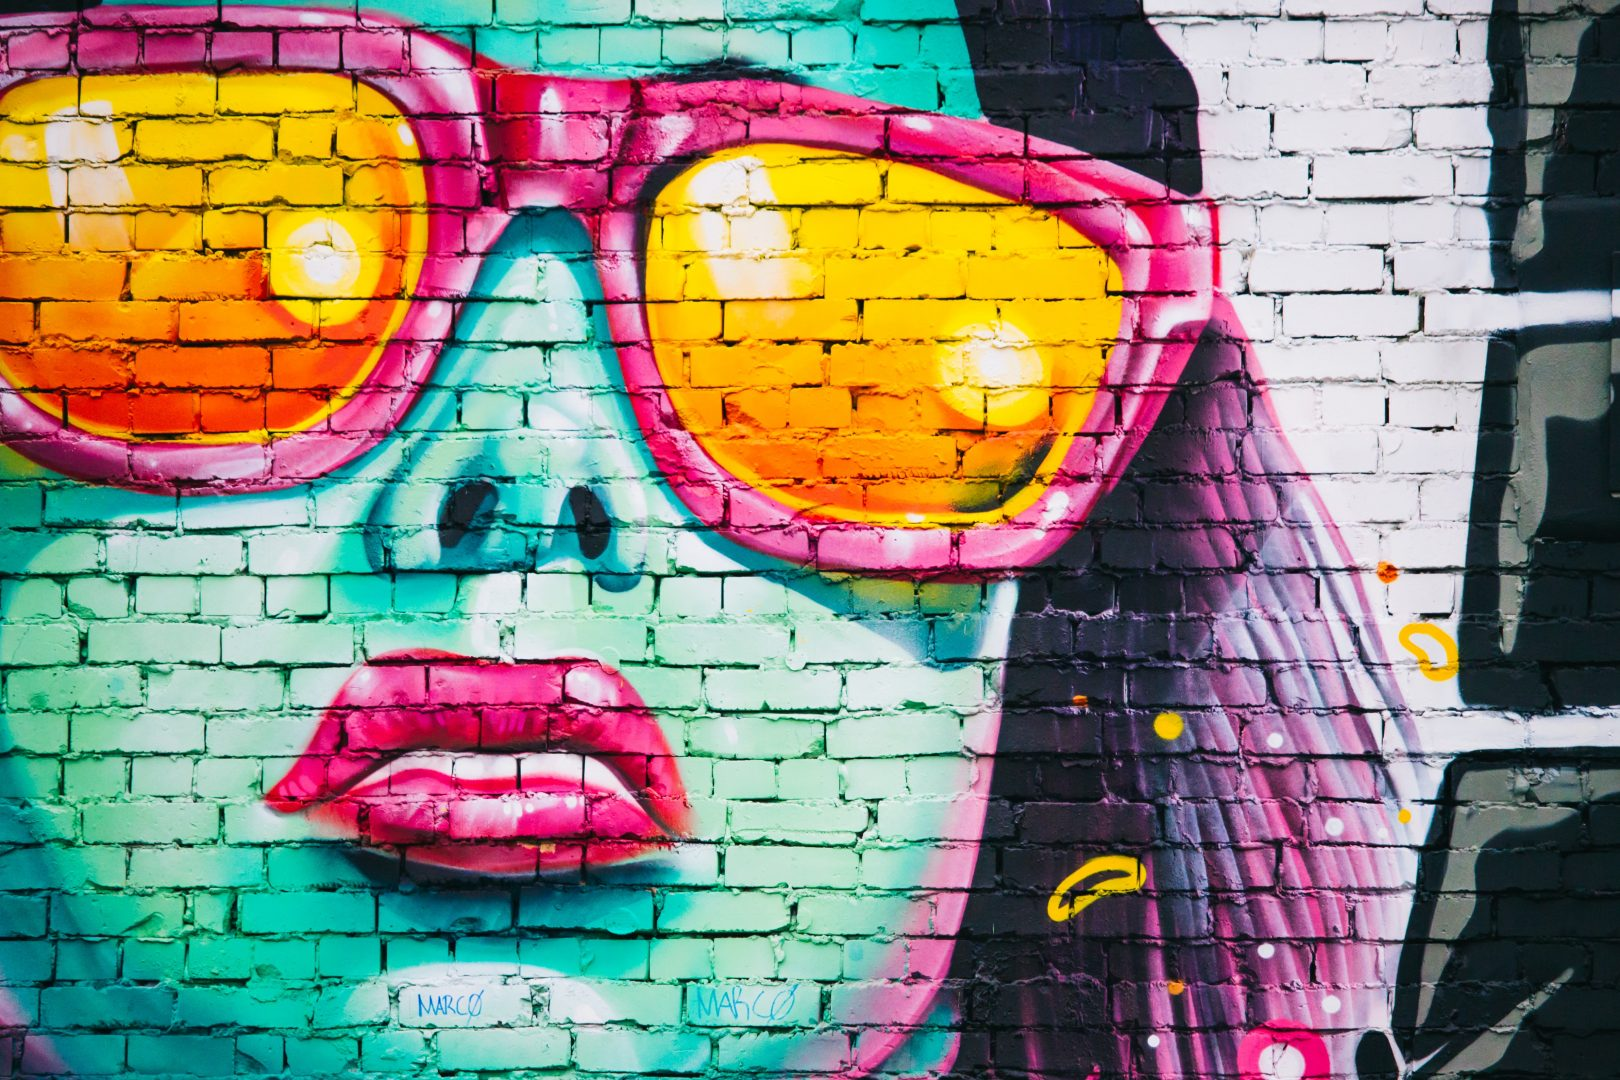 woman wearing sunglasses wall graffiti